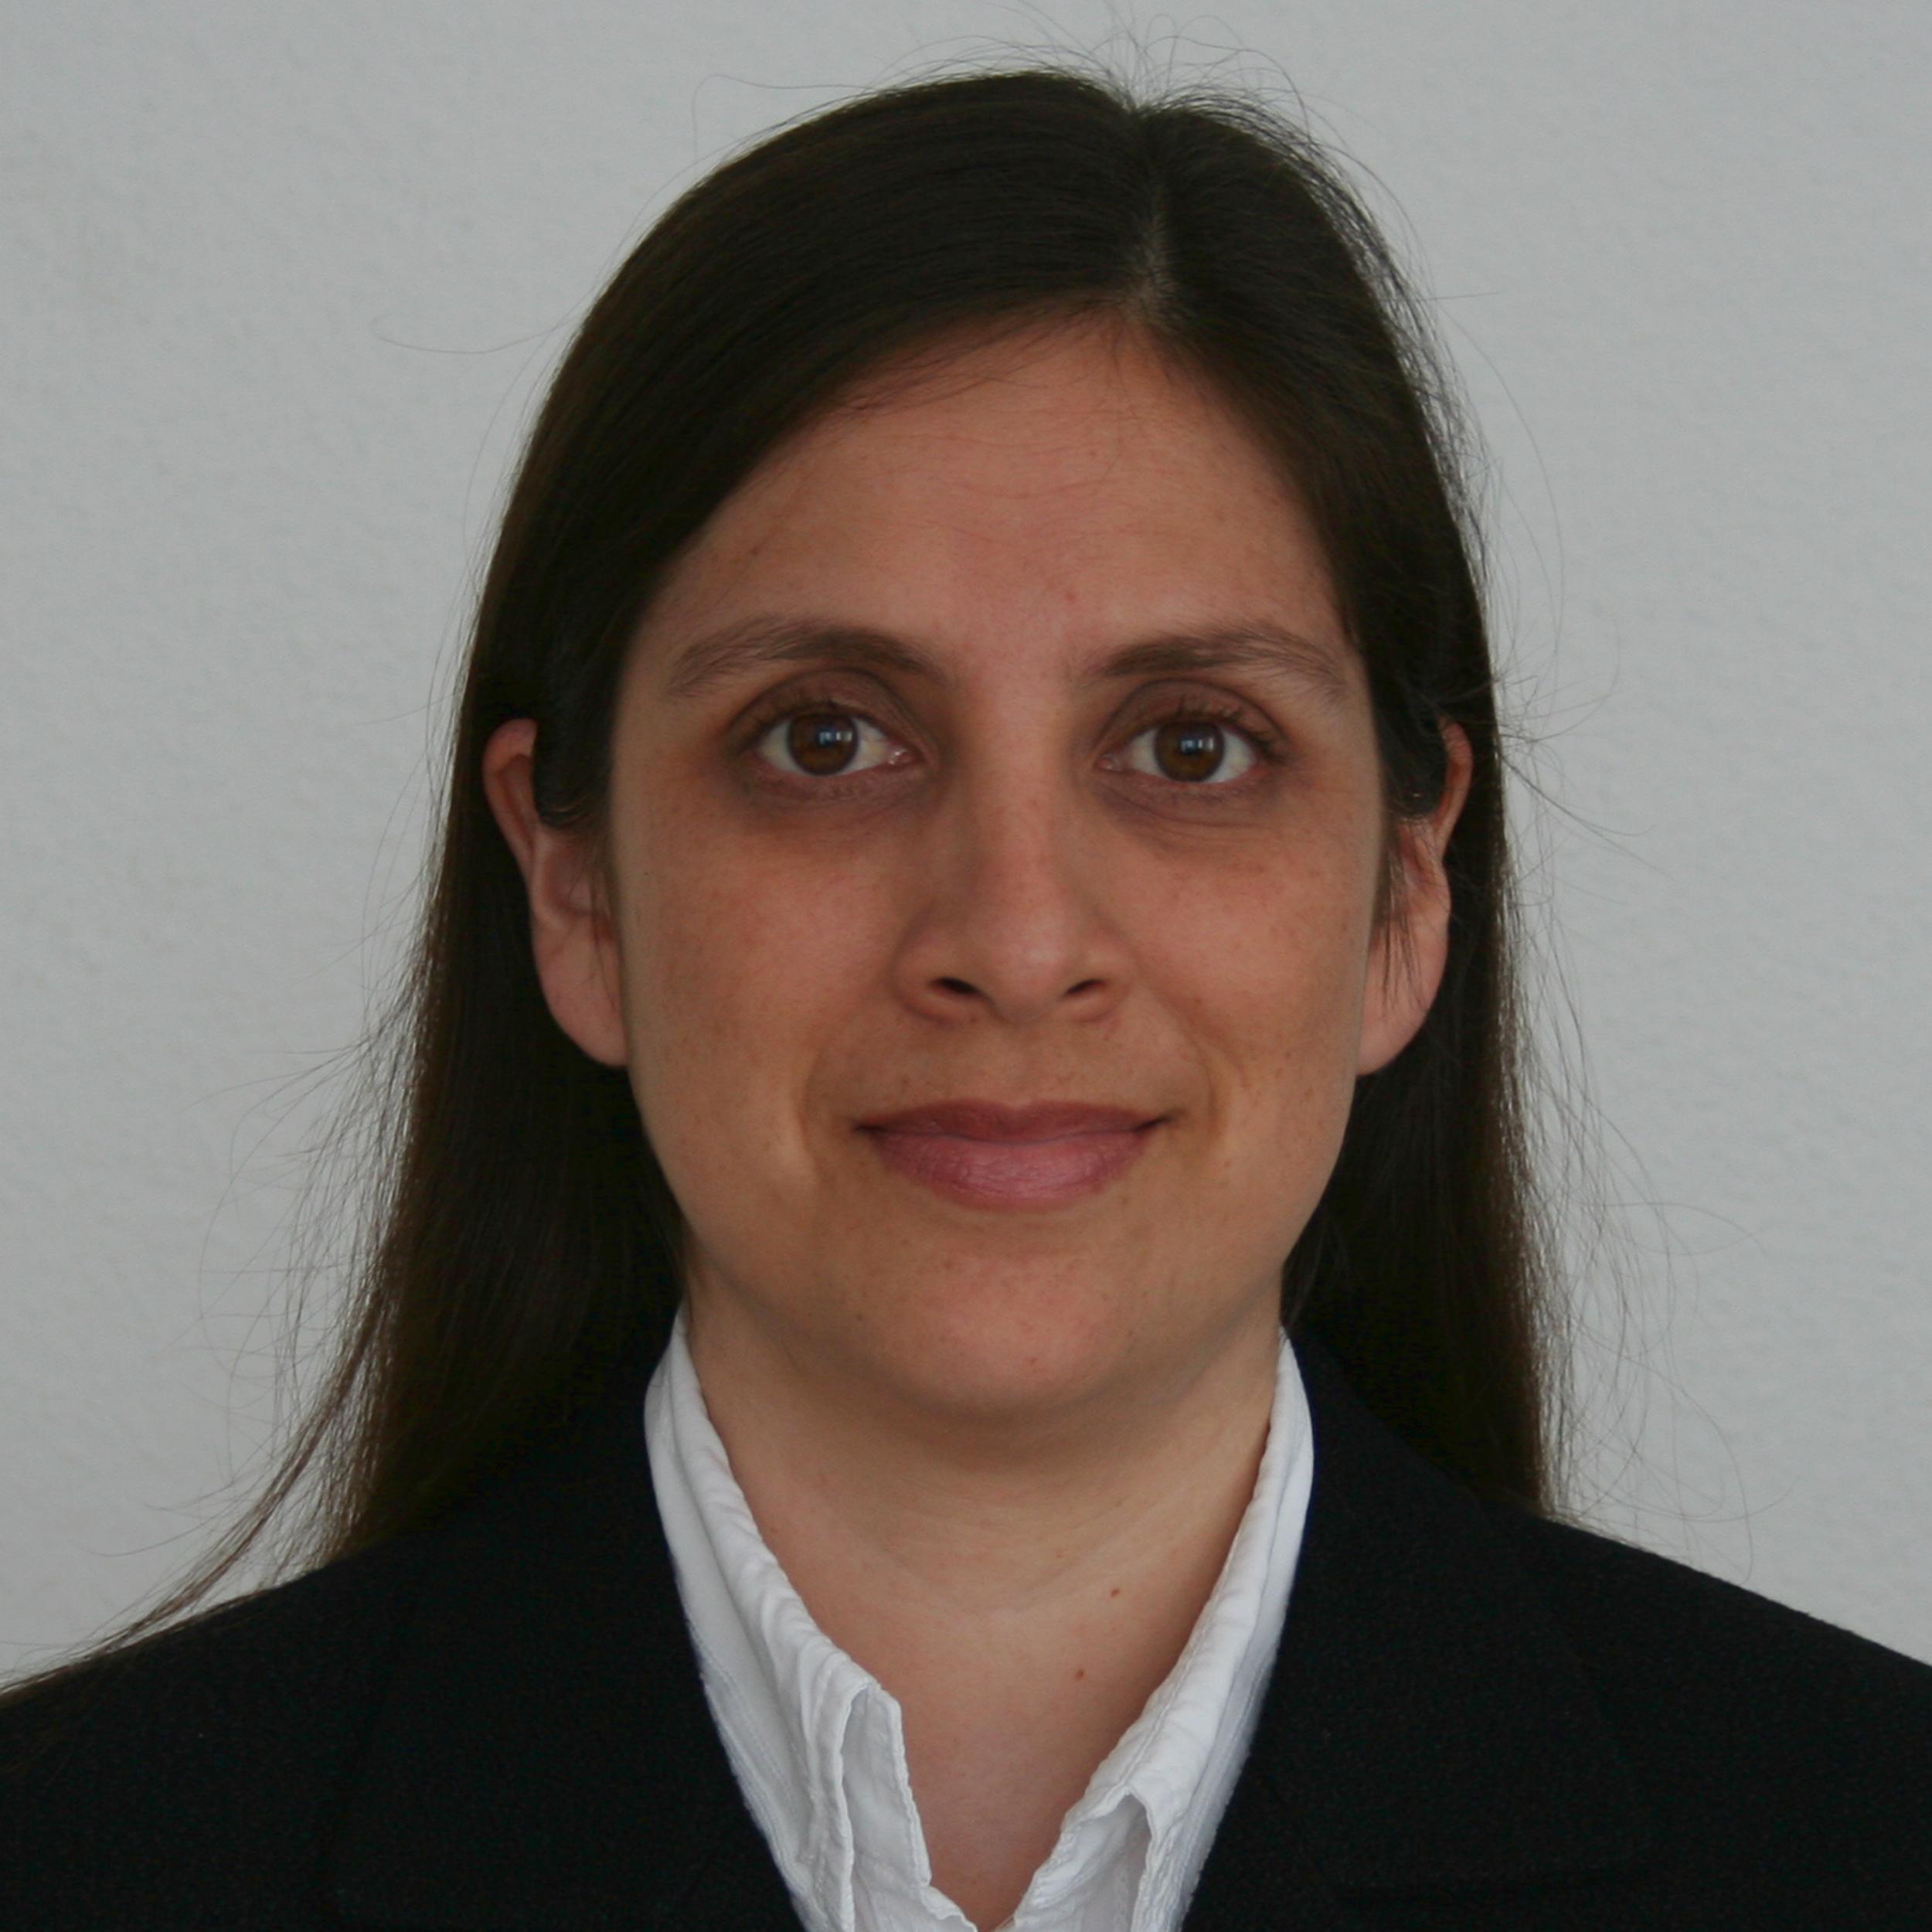 Ruth Zamudio